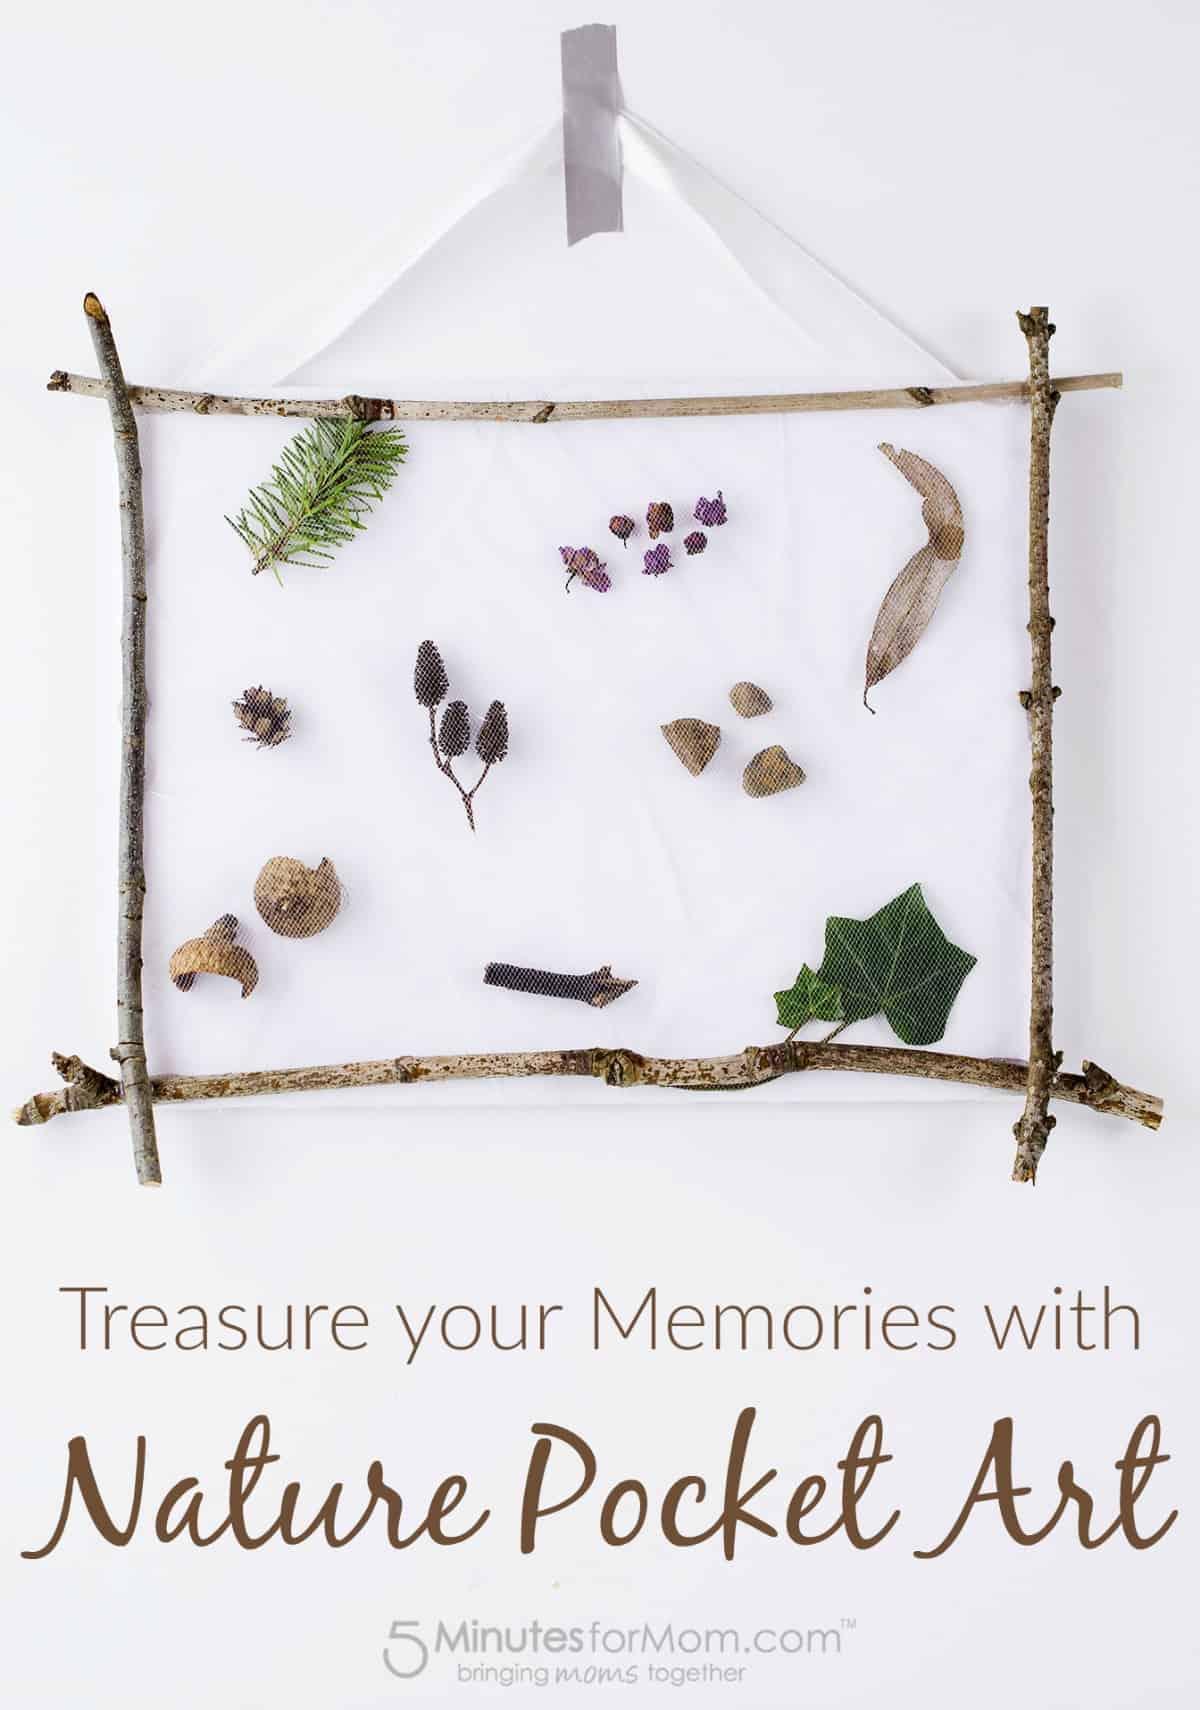 Treasure Memories with Nature Pocket Art